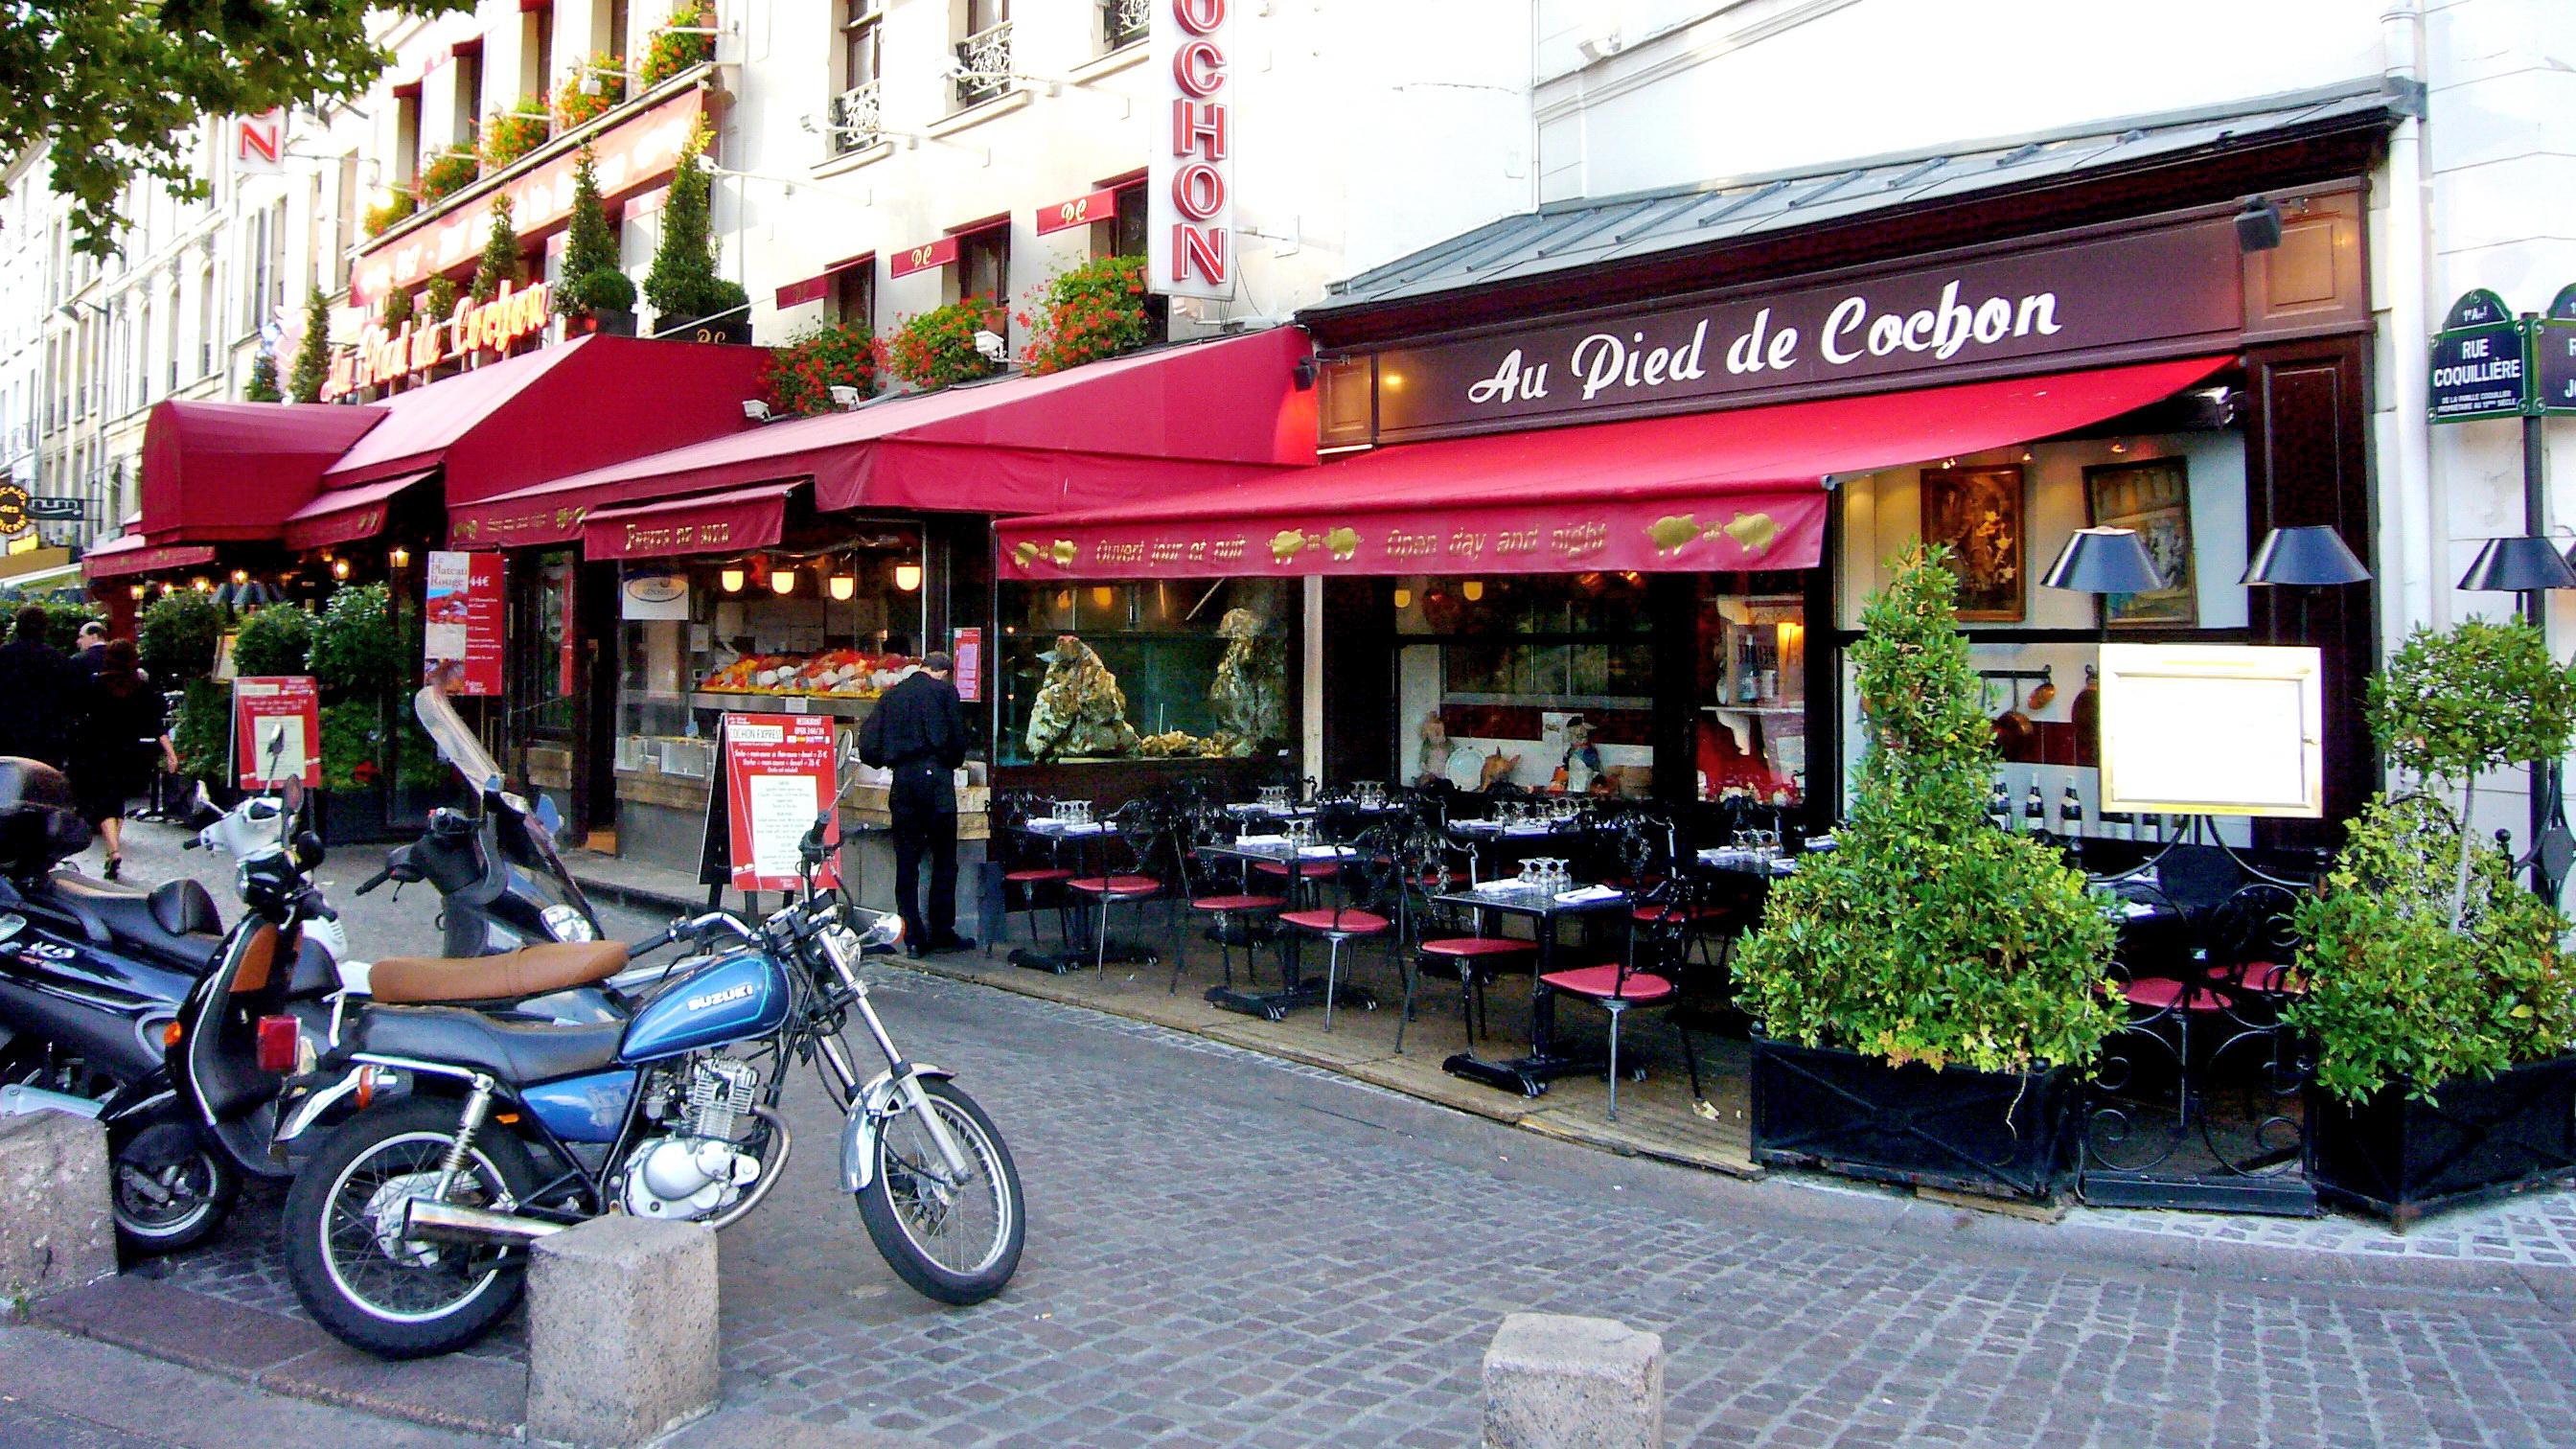 Paris pig s trotter au pied de cochon celebrating swine - Cuisiner pied de cochon ...